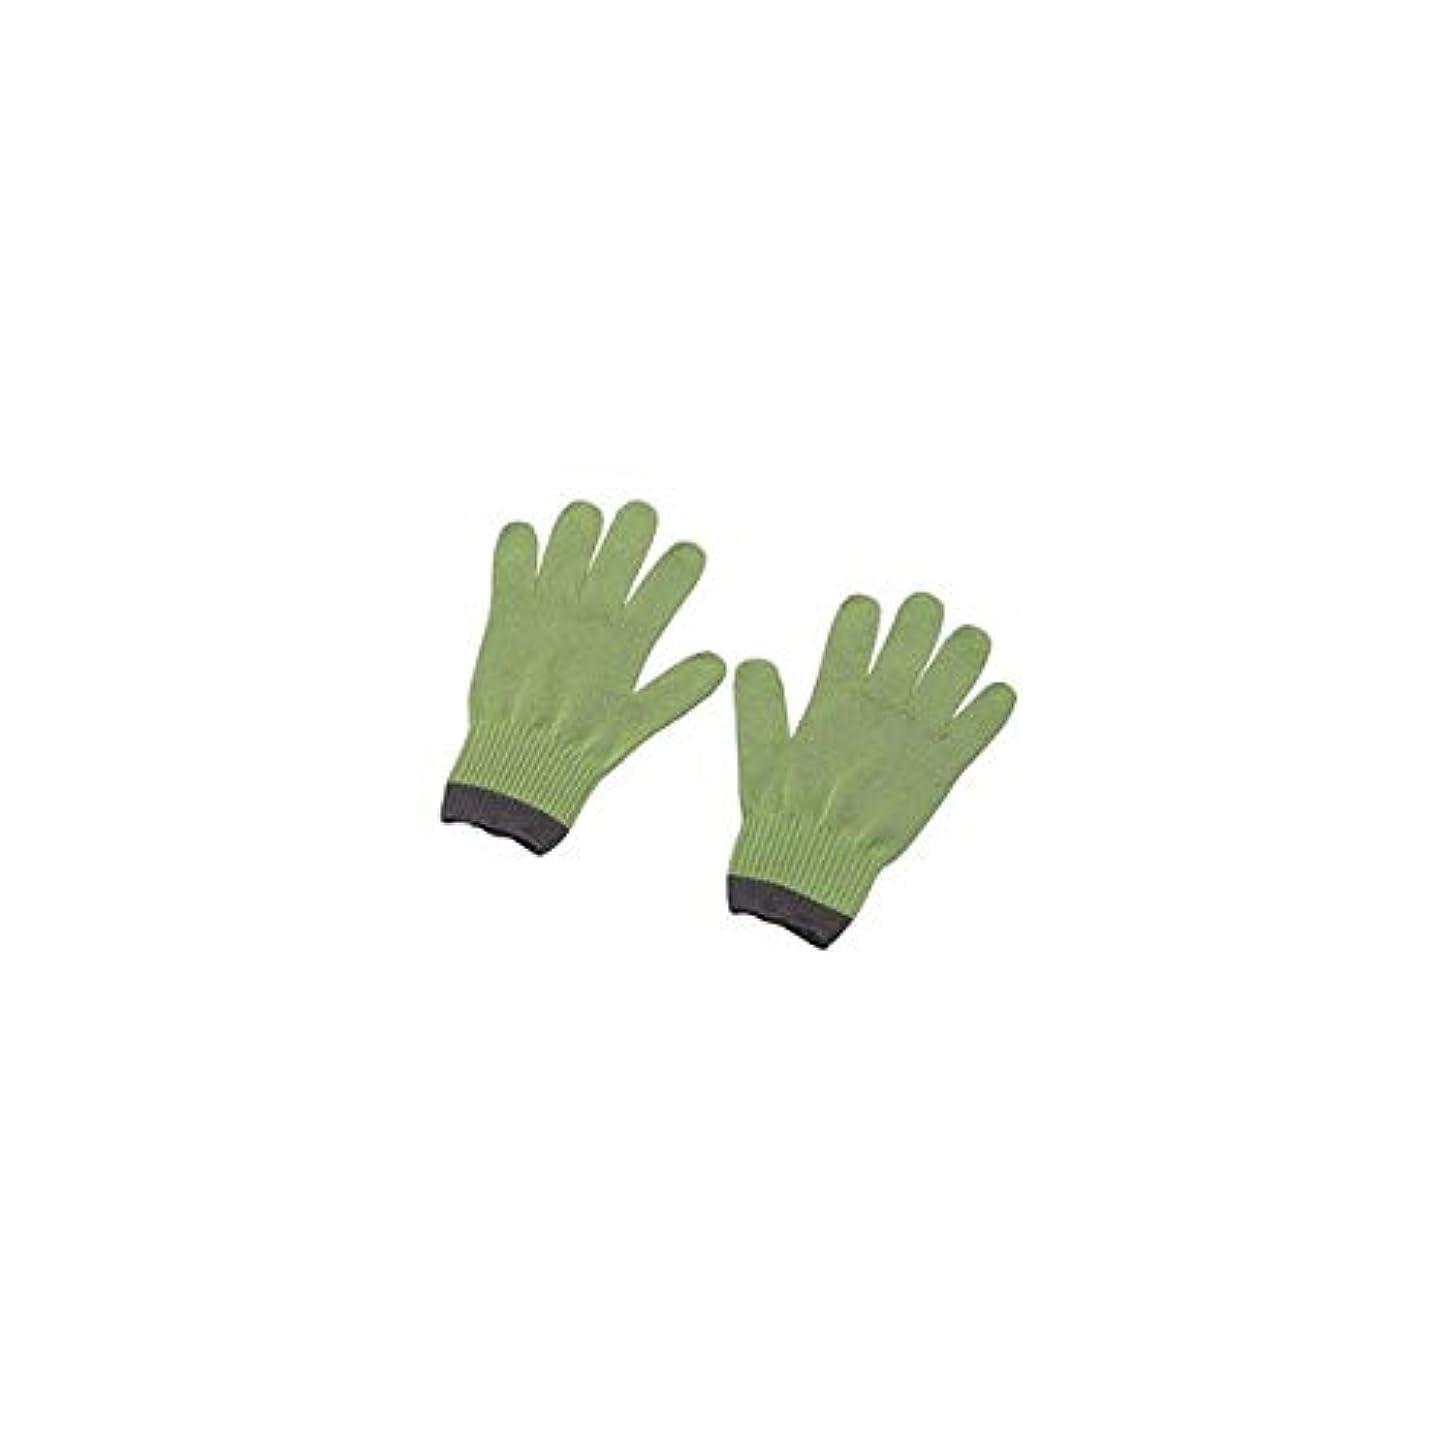 管理します胃ニッケルアラミド手袋MEGG-90 洗剤?消耗品 CD:378203